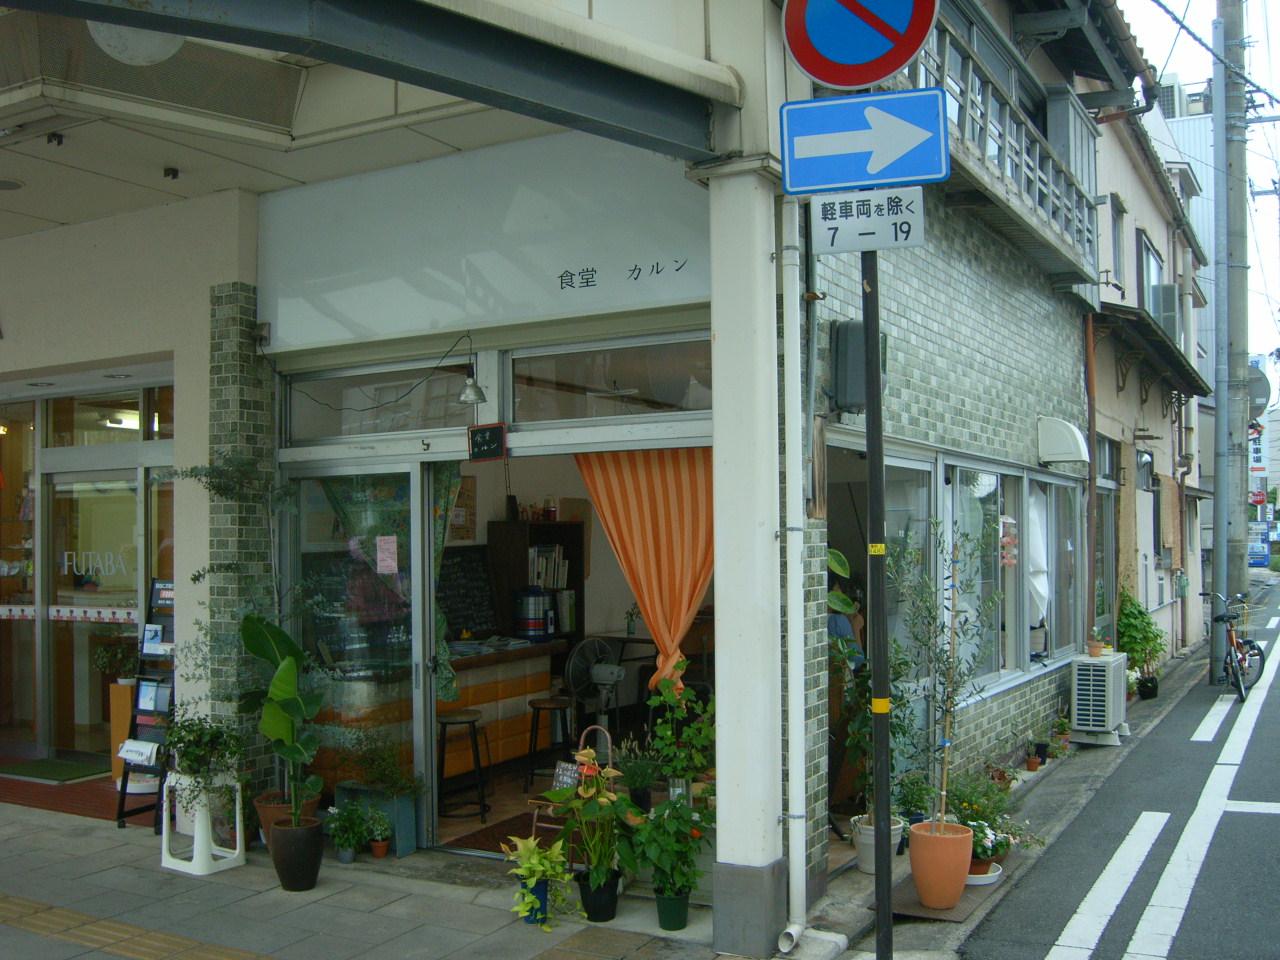 いざ!鳥取へ_c0143482_18371585.jpg